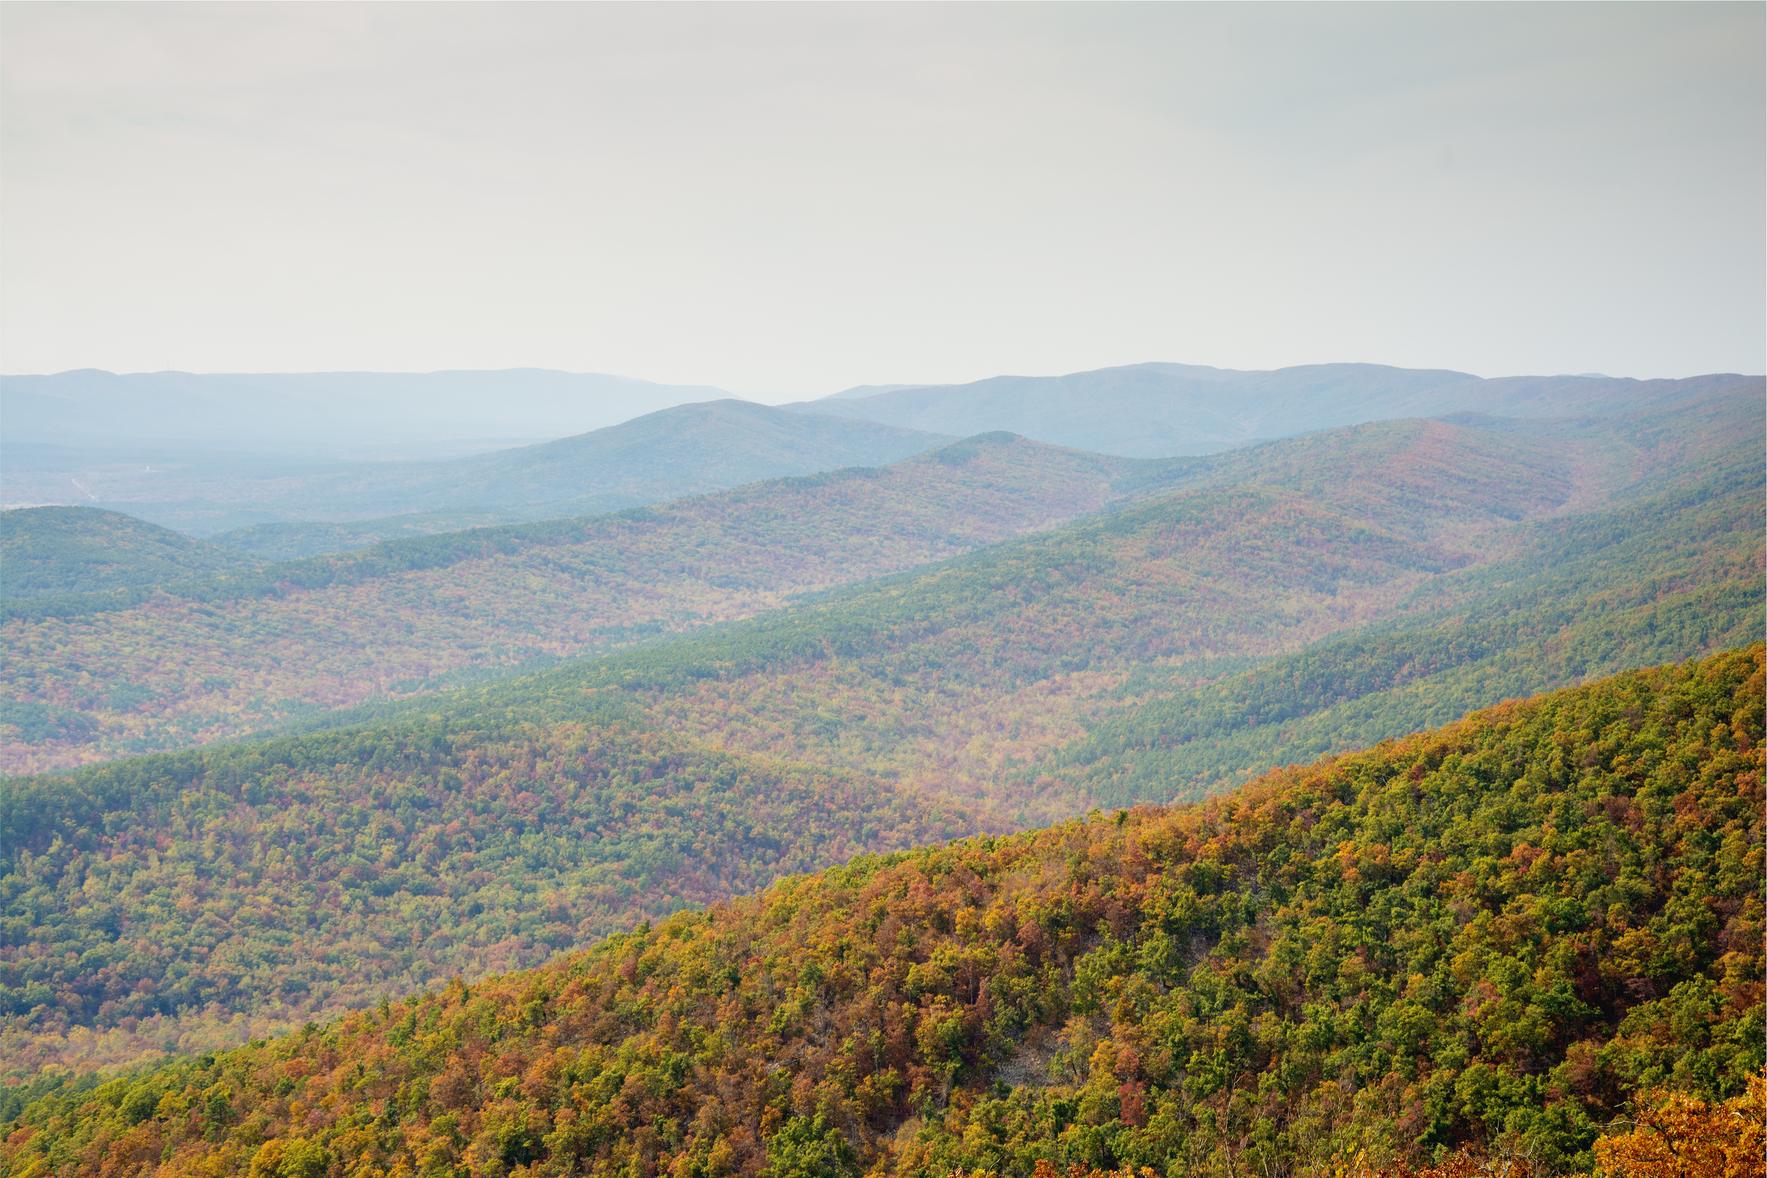 Arkansas Environmental Policy Summit image